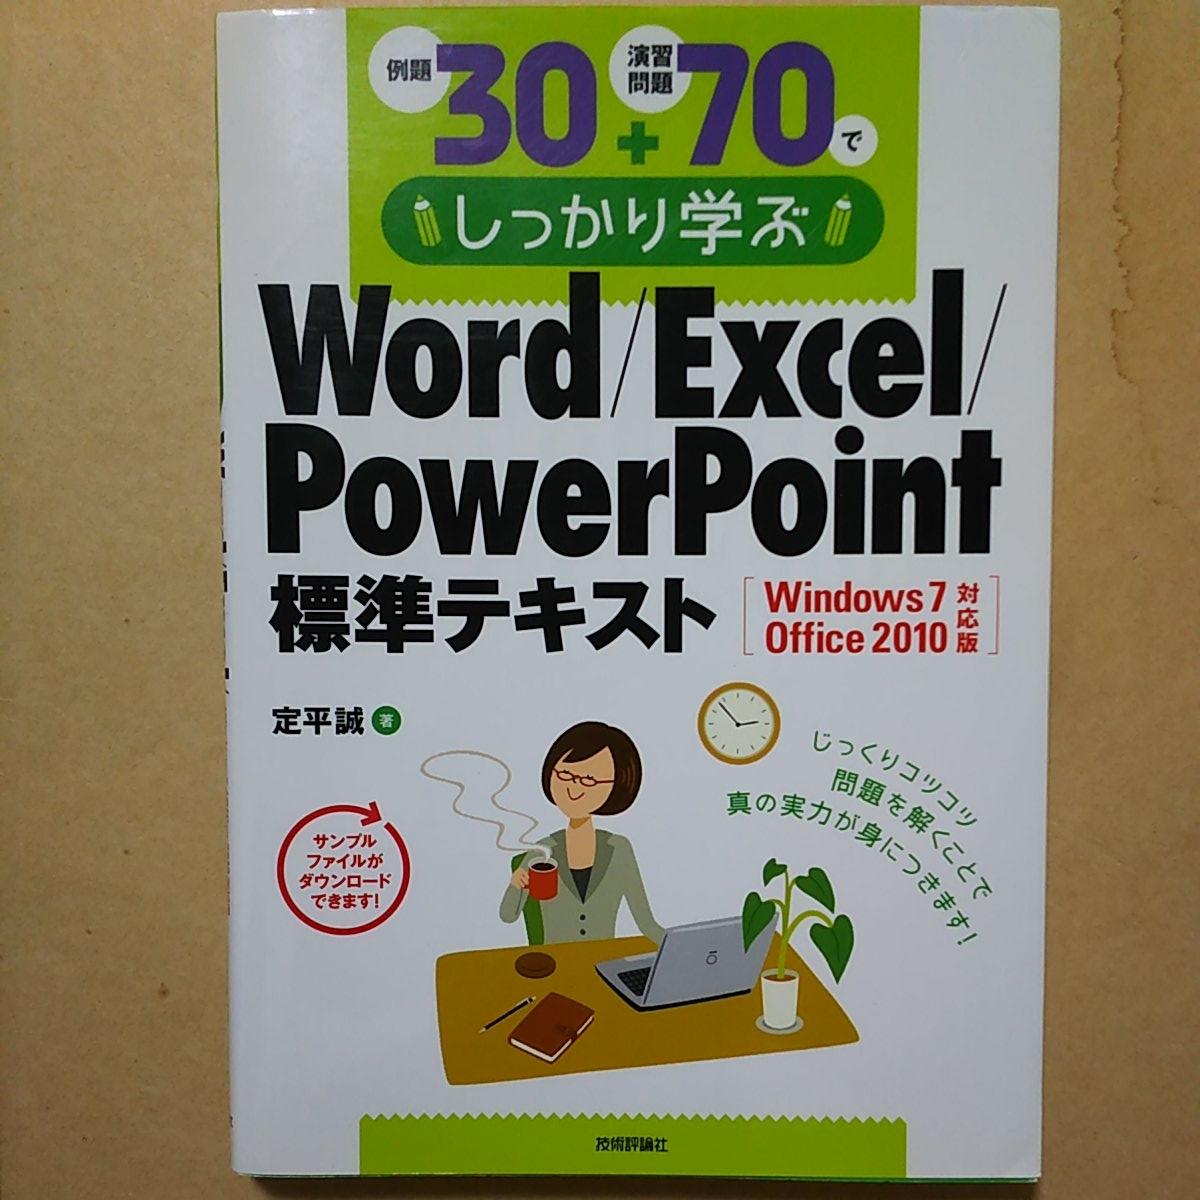 दृढ़ता से जानें वर्ड / एक्सेल / पावरपॉइंट मानक पाठ Windows7 Office2010 संगत संस्करण Makoto Sadahira तकनीकी समीक्षा, कंप्यूटर और इंटरनेट और अनुप्रयोग और स्प्रेडशीट